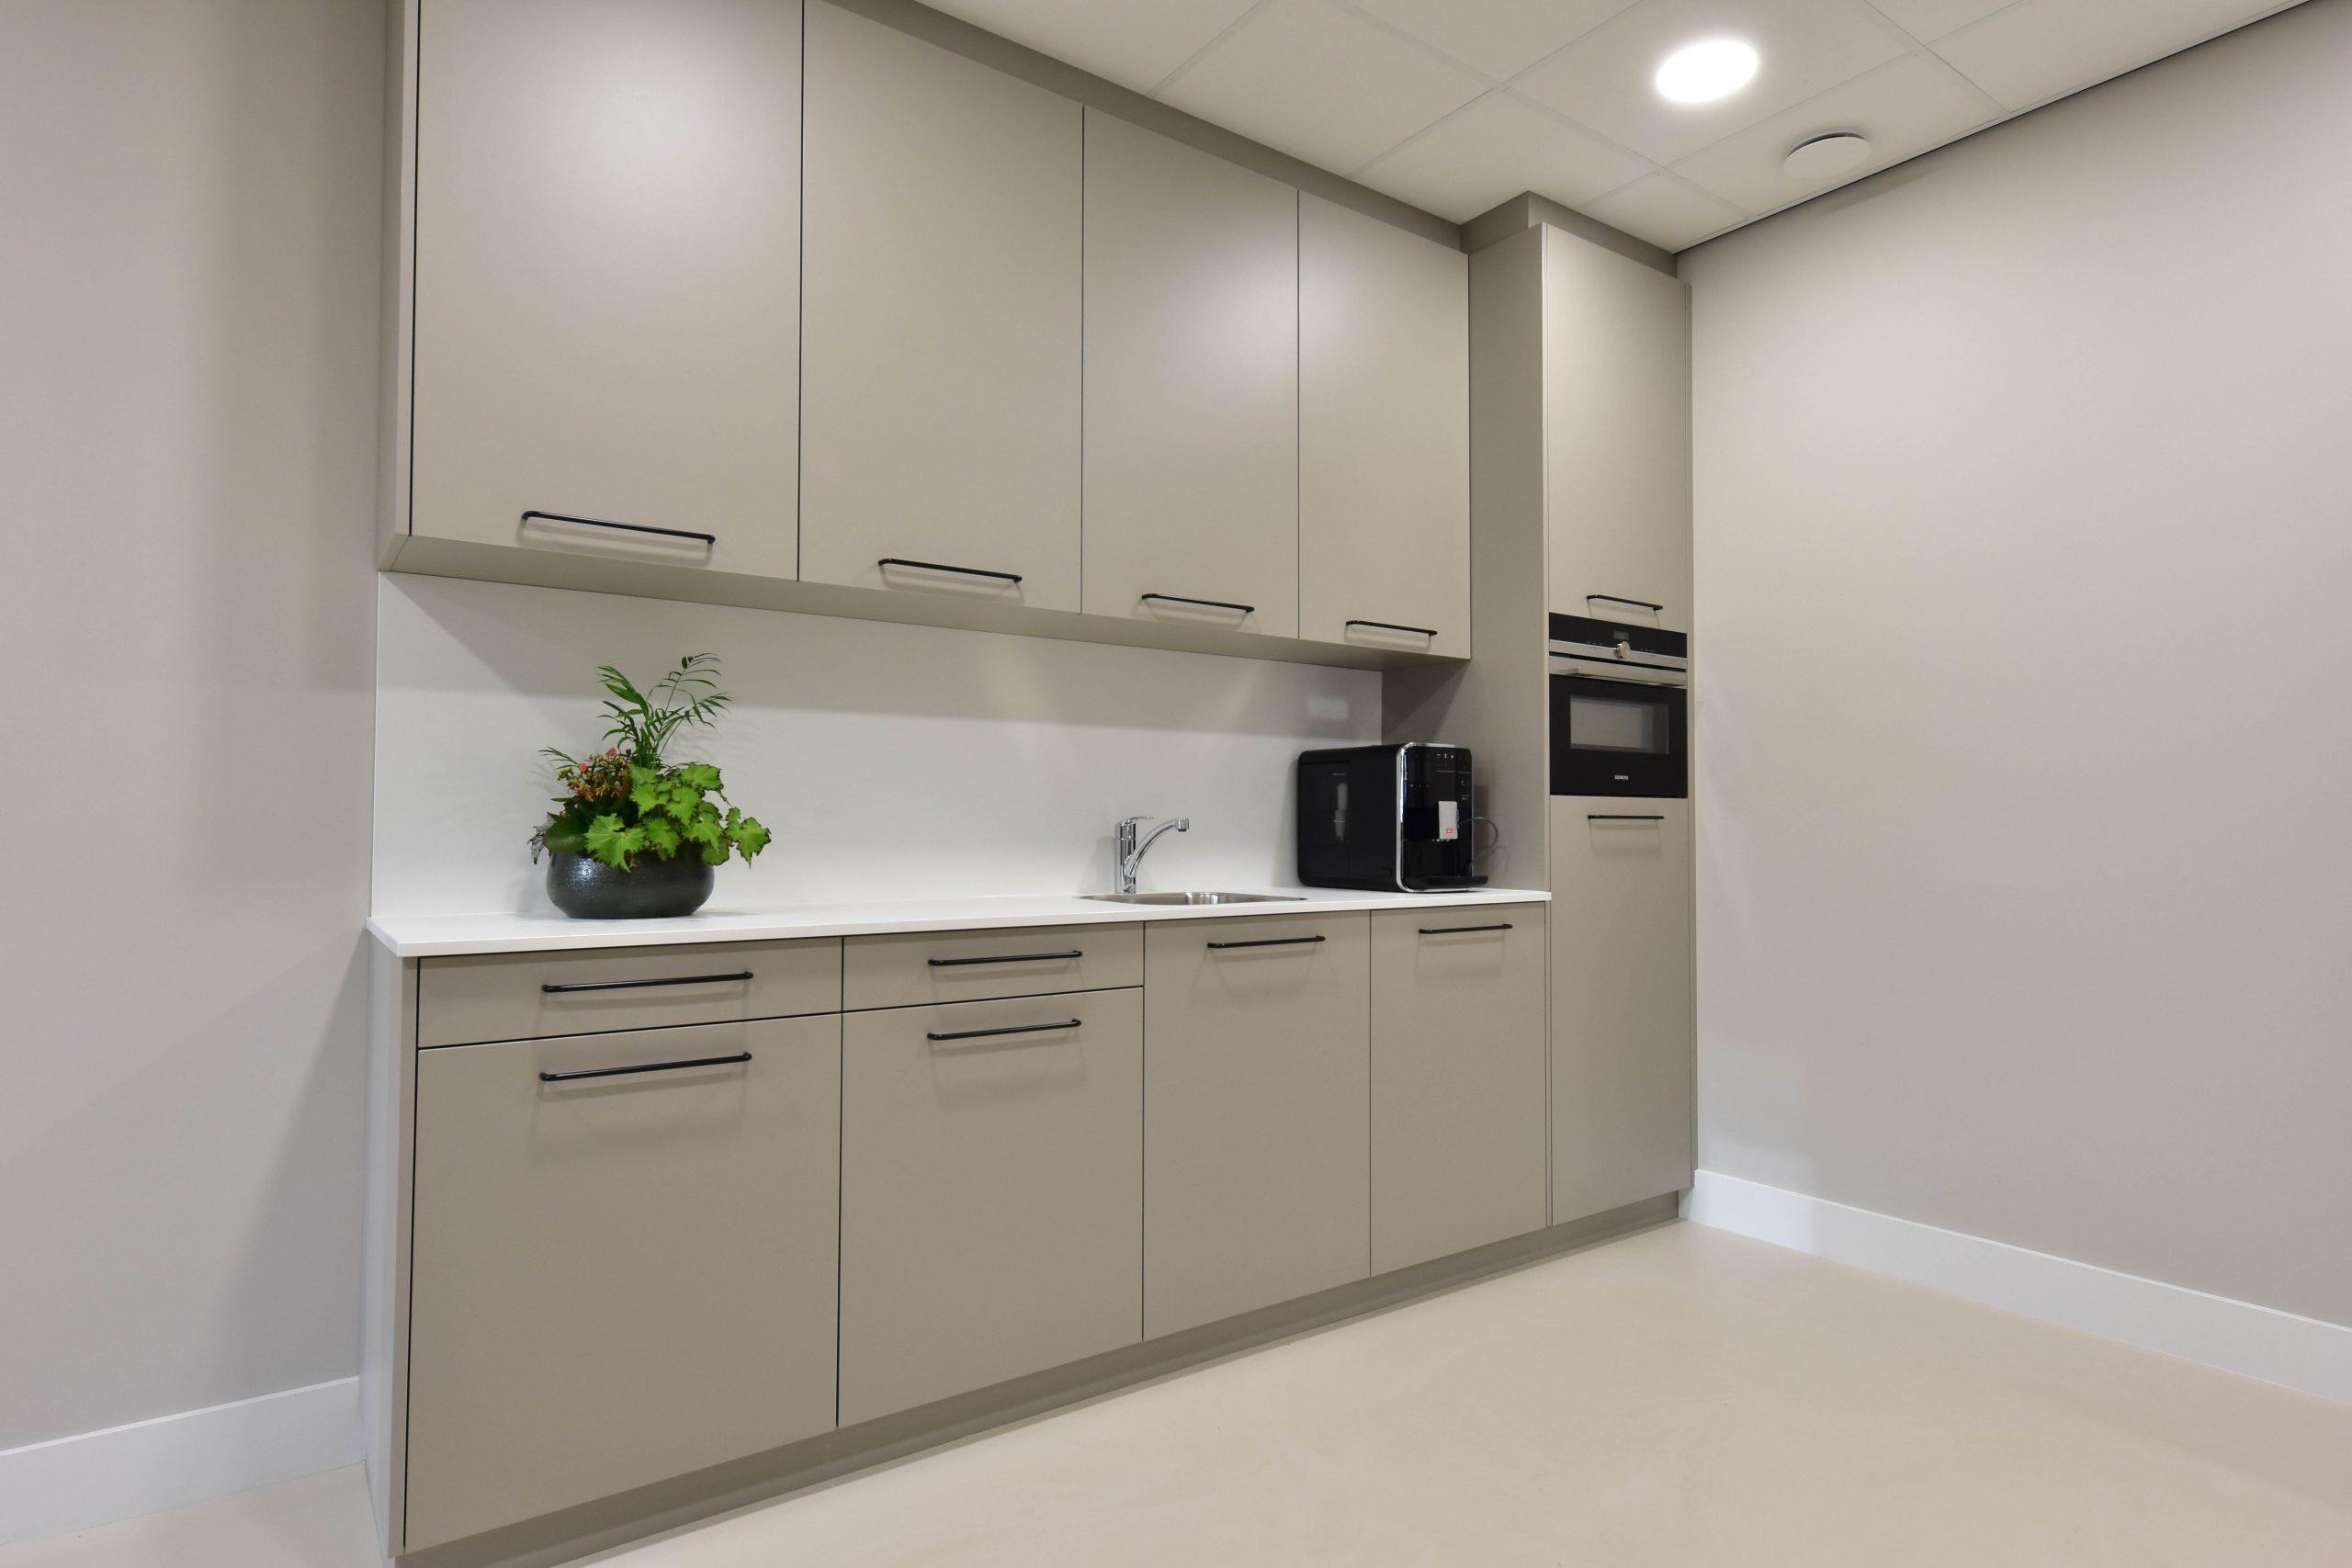 keuken - Lemmens interieurs